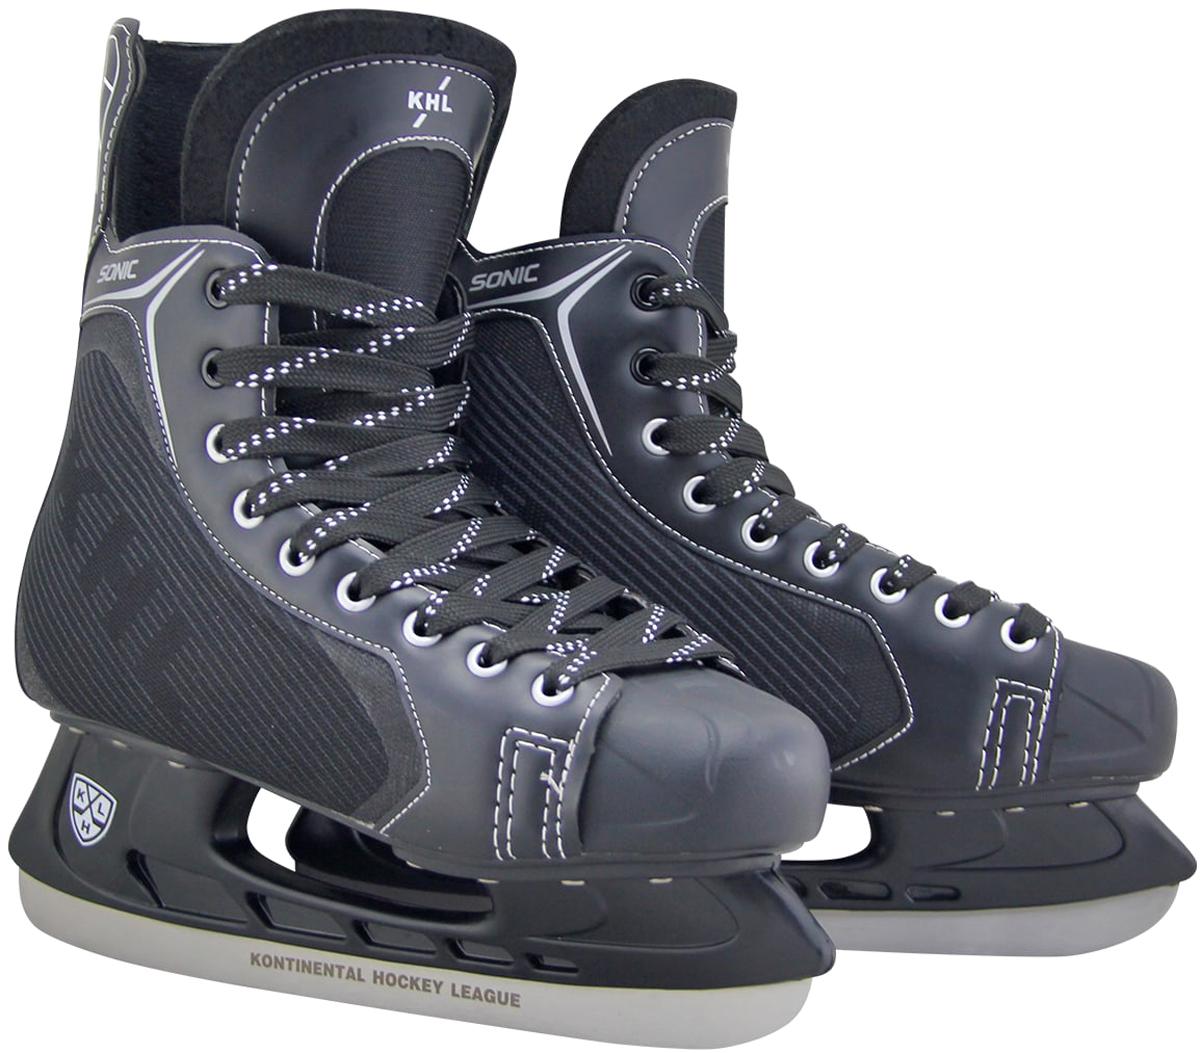 Коньки хоккейные мужские KHL Sonic, цвет: черный, серый, белый. Размер 40УТ-00010443Хоккейные коньки KHL Sonic являются официальной лицензионной продукцией Континентальной Хоккейной Лиги (КХЛ). Это прекрасная любительская модель коньков с уникальным стильным ассиметричным дизайном, выполненным в новой стилистической концепции КХЛ. Модель выполнена из износостойких материалов, устойчивых к порезам. Усиленная жесткость ботинка для более уверенного катания. Дополнительные вставки из EVA и MEMORY foam обеспечат комфорт. Лезвие выполнено из высокоуглеродистой стали с покрытием из никеля. Шнуровка надежно зафиксирует модель на ноге.Коньки подходят для использования на открытом и закрытом льду.